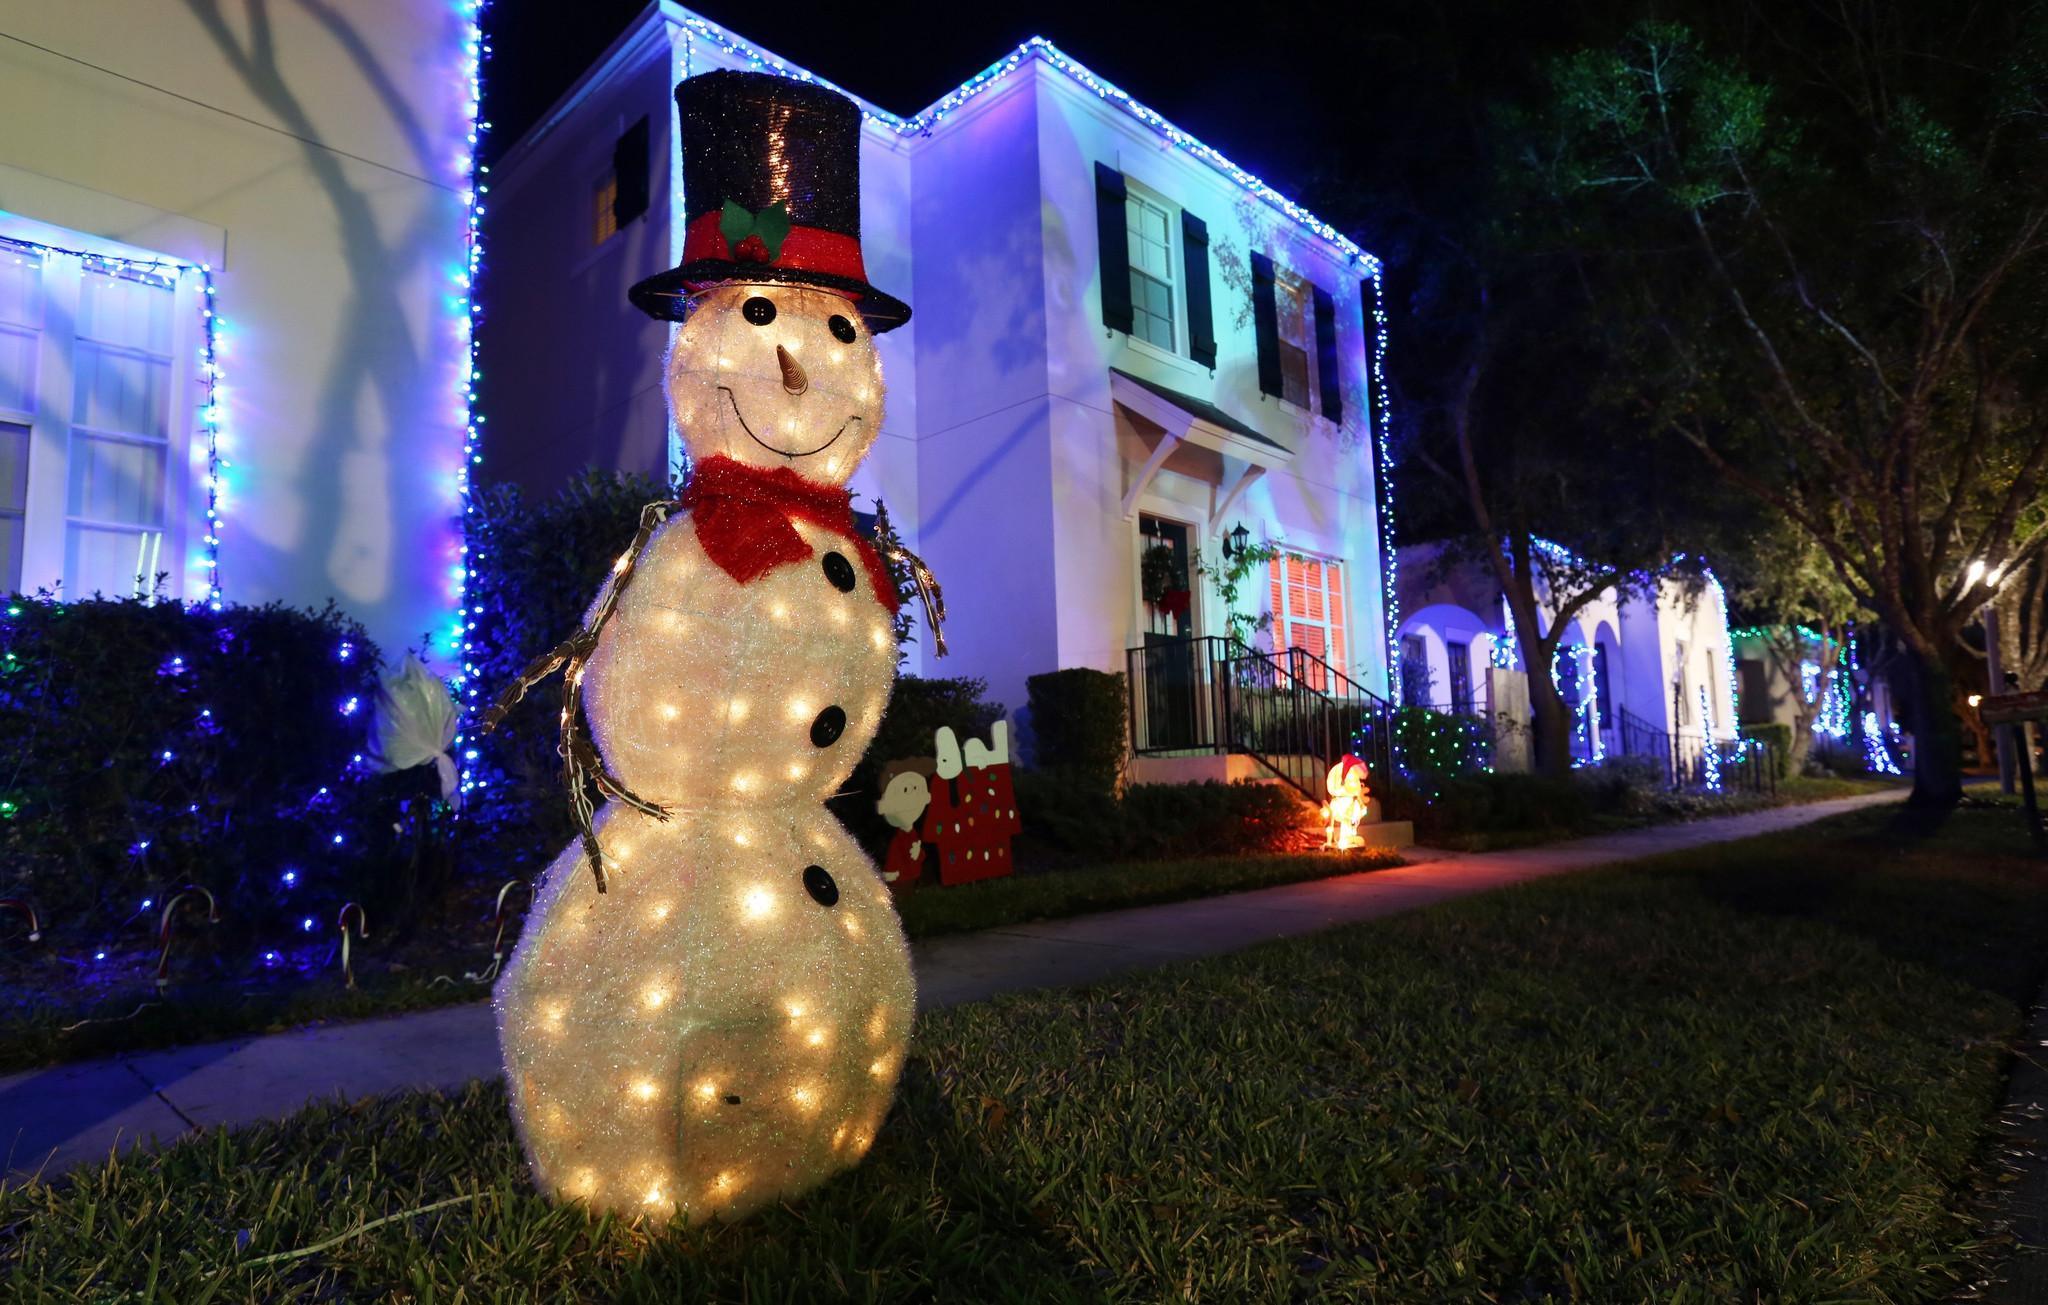 Casas adornadas con luces de navidad el sentinel - Imagenes de casas adornadas con luces de navidad ...